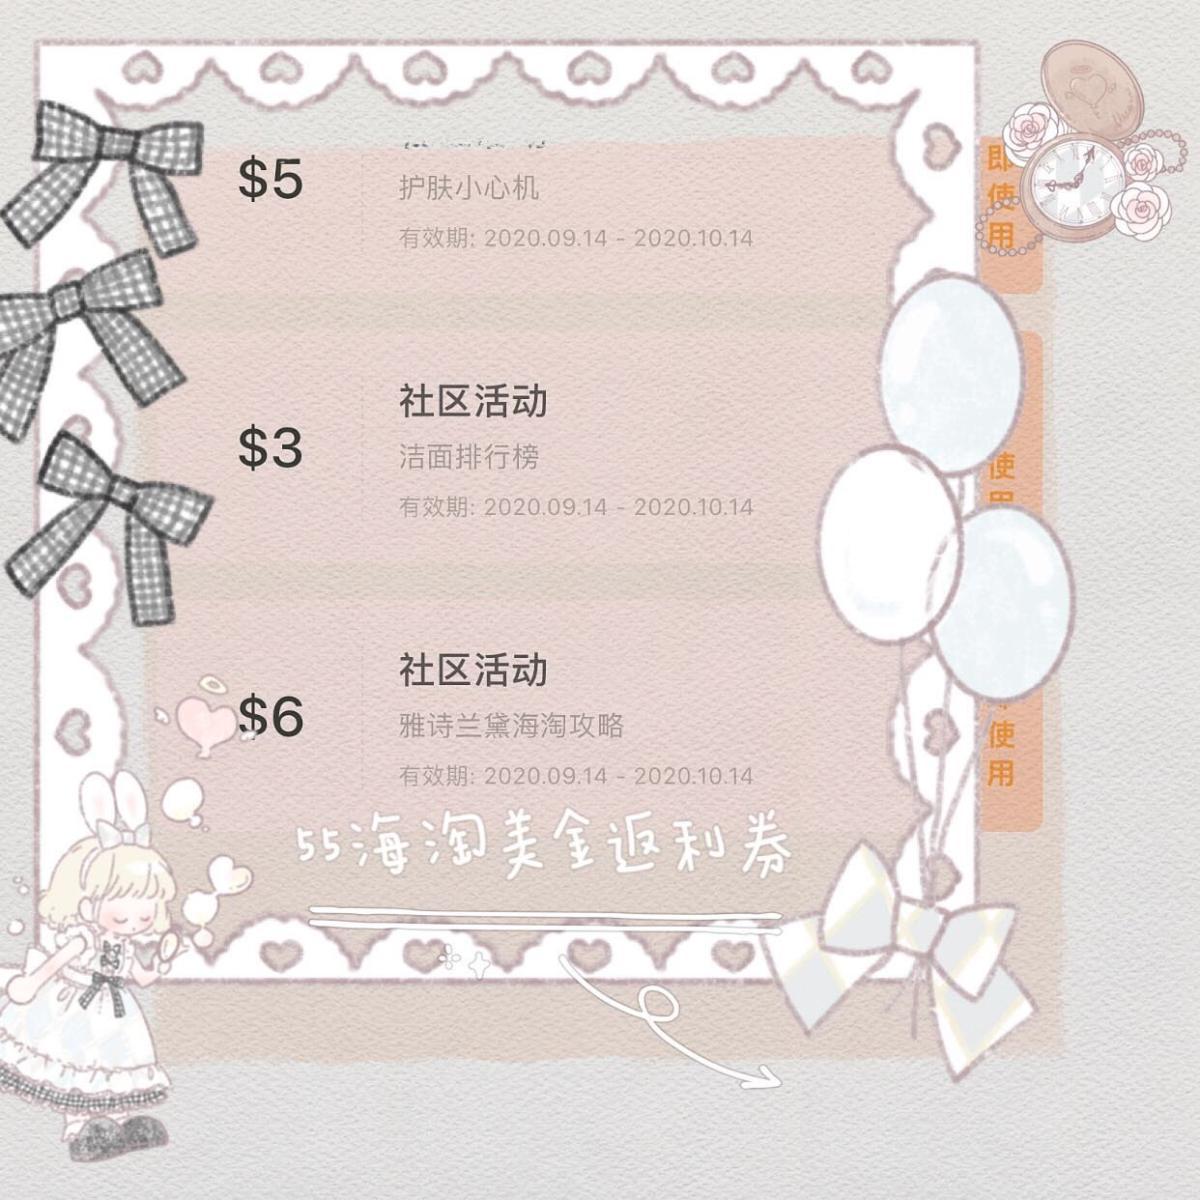 #55海淘奖品秀#发工资啦~时不时有新手集美说不知道怎么使用